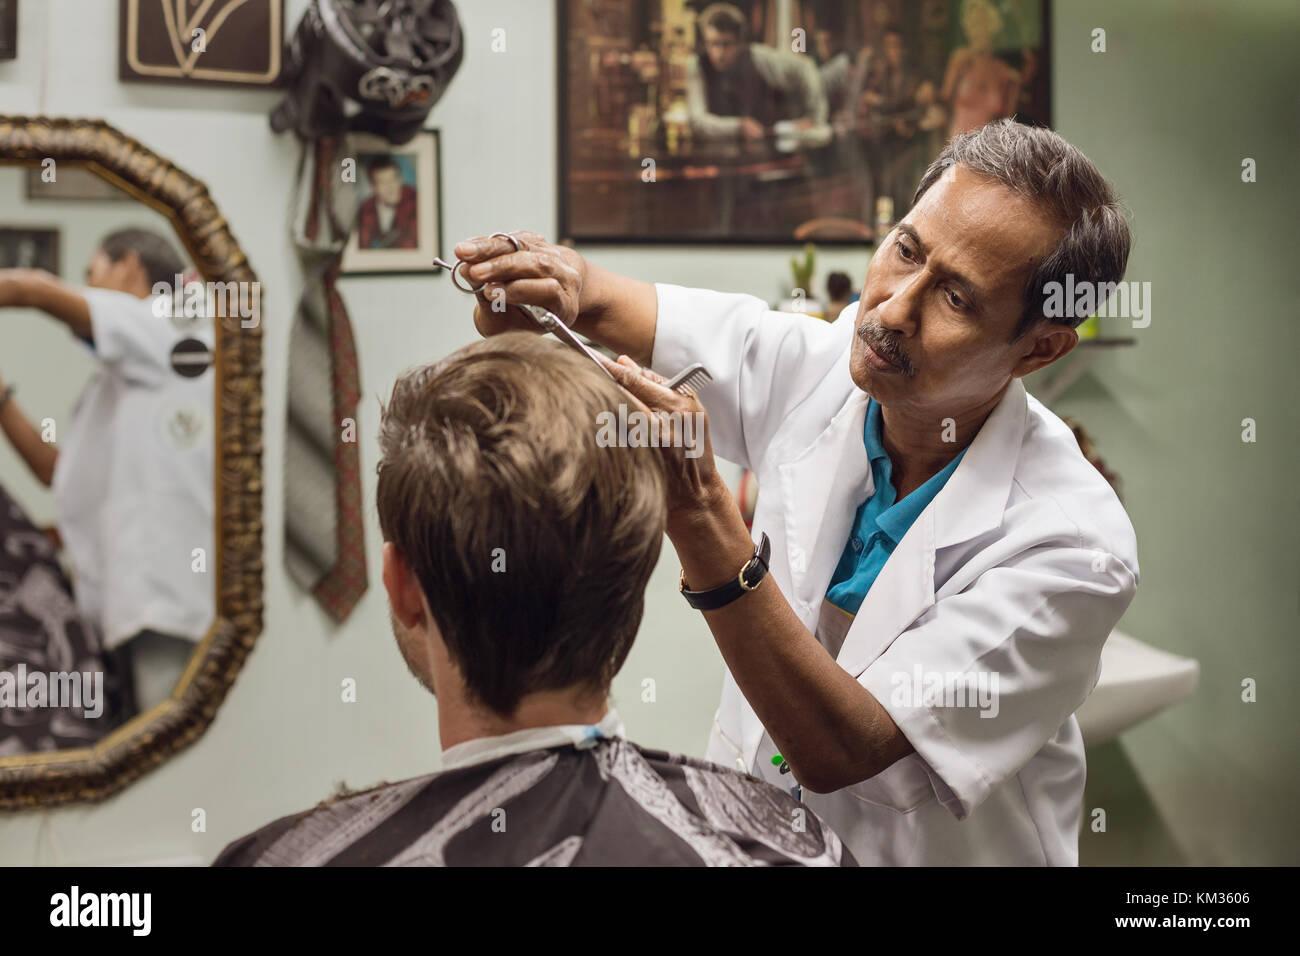 Malayan Coiffure de concentration au travail Photo Stock